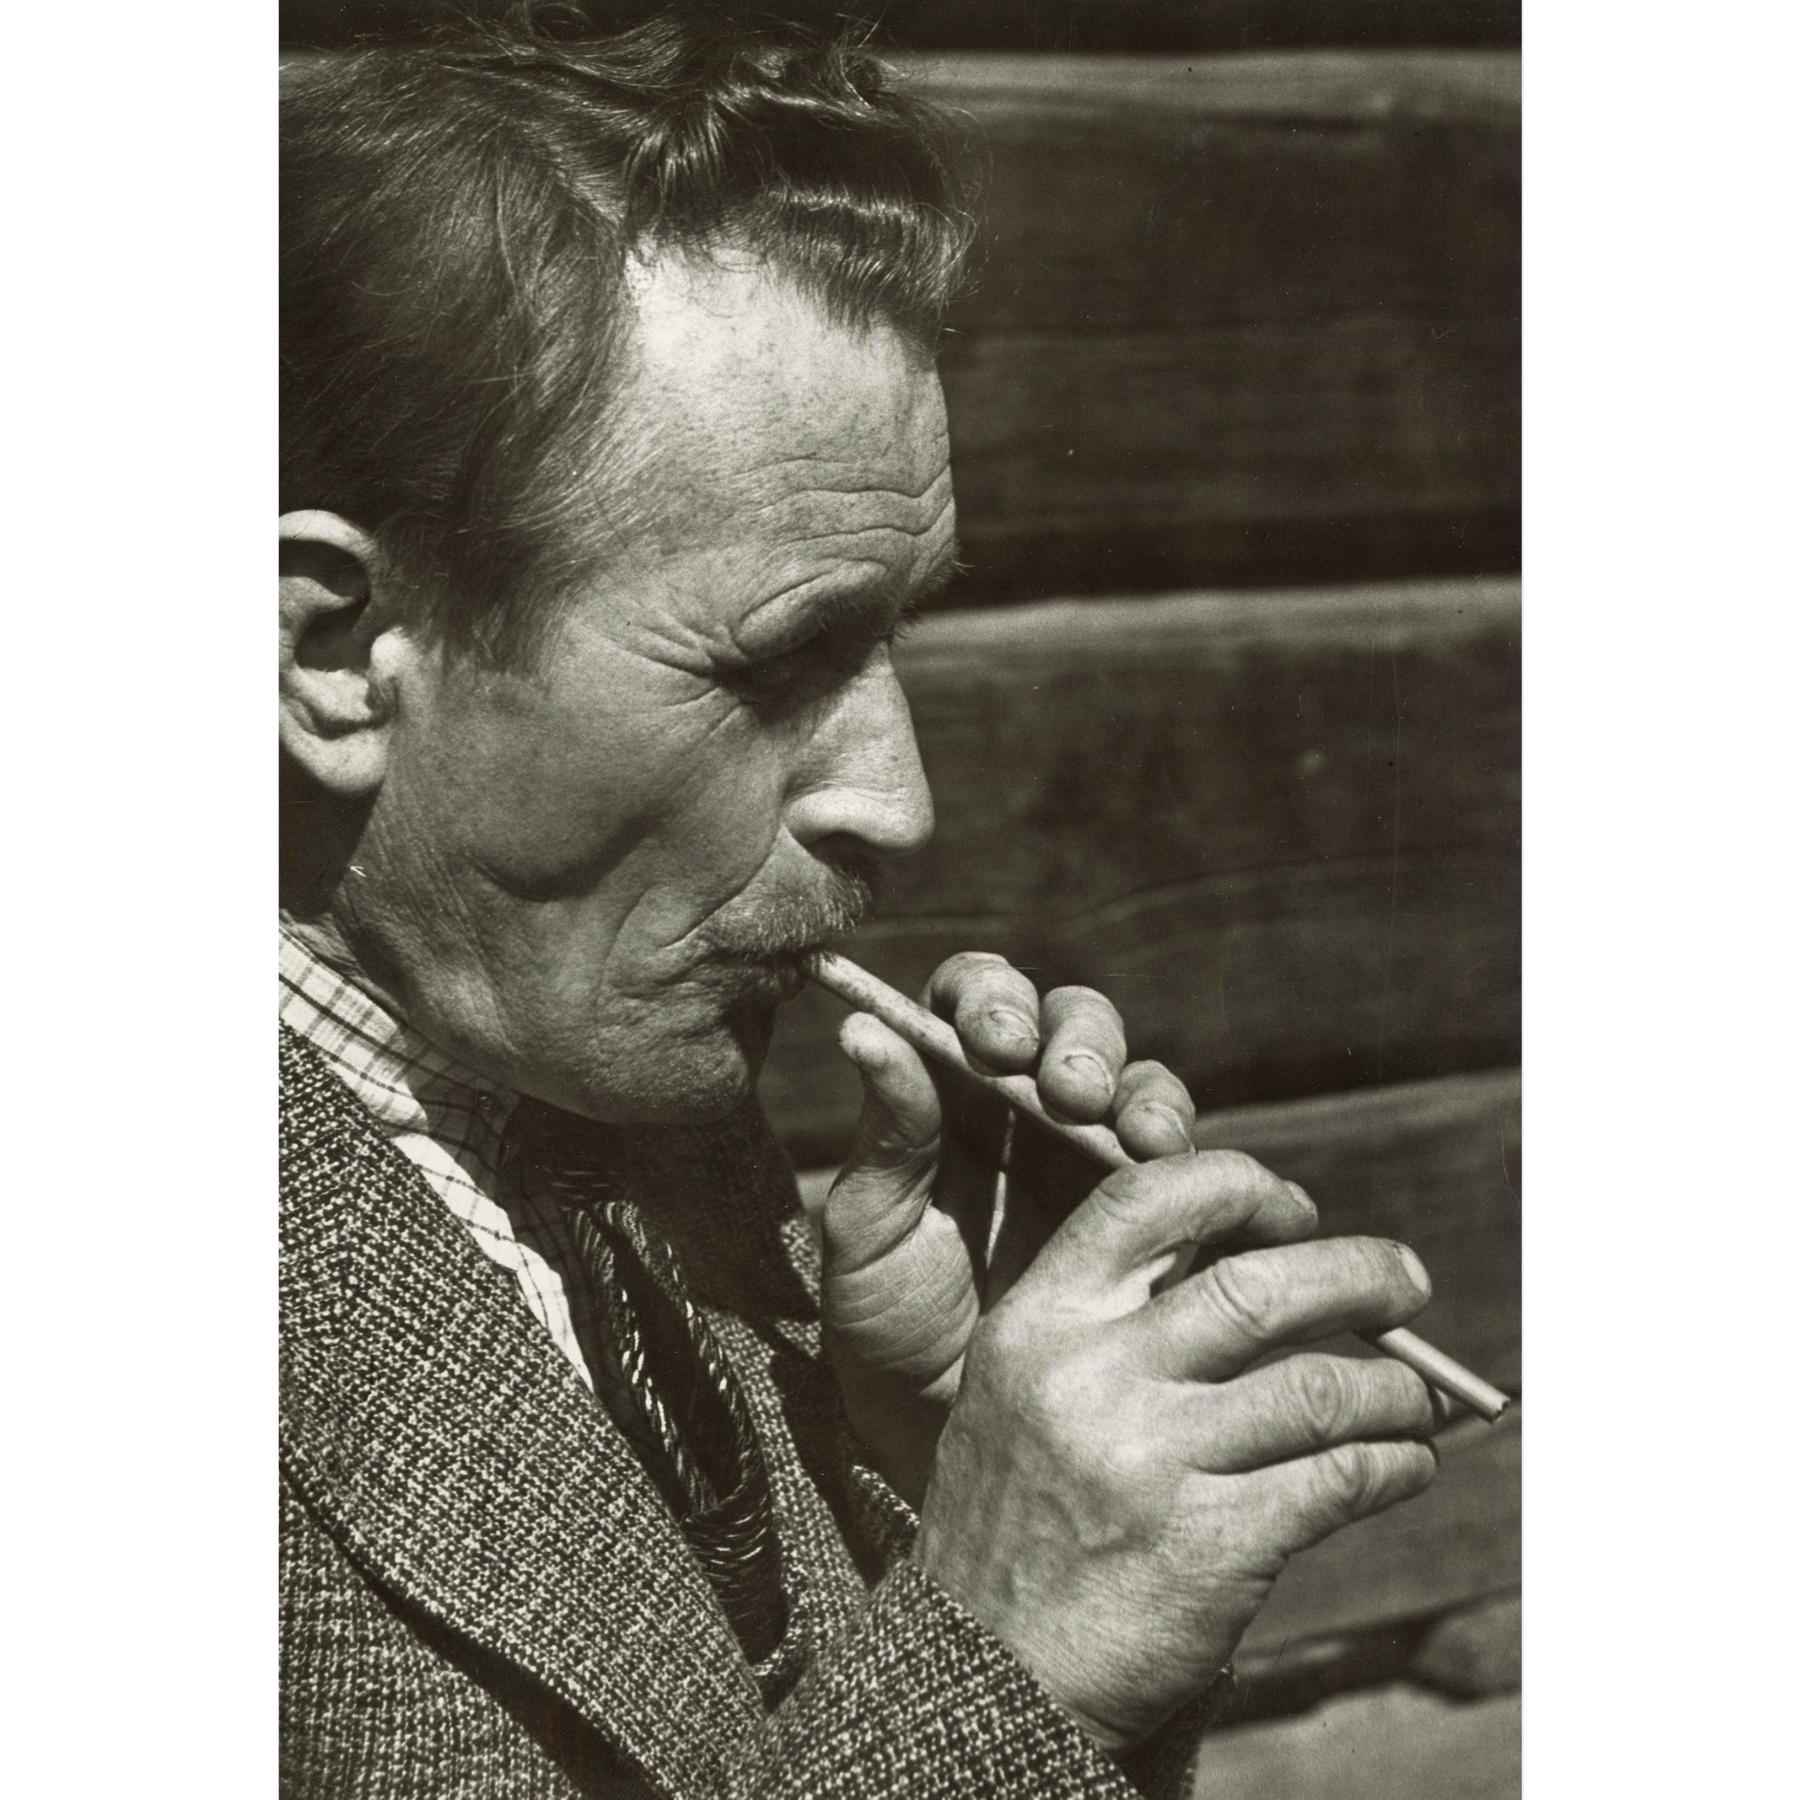 Teppo Repo soittaa olkipilliä. Kuvattu Helsingissä vuonna 1937, kuvaajana Pekka Kyytinen. Kuva SKS KRA. CC BY 4.0